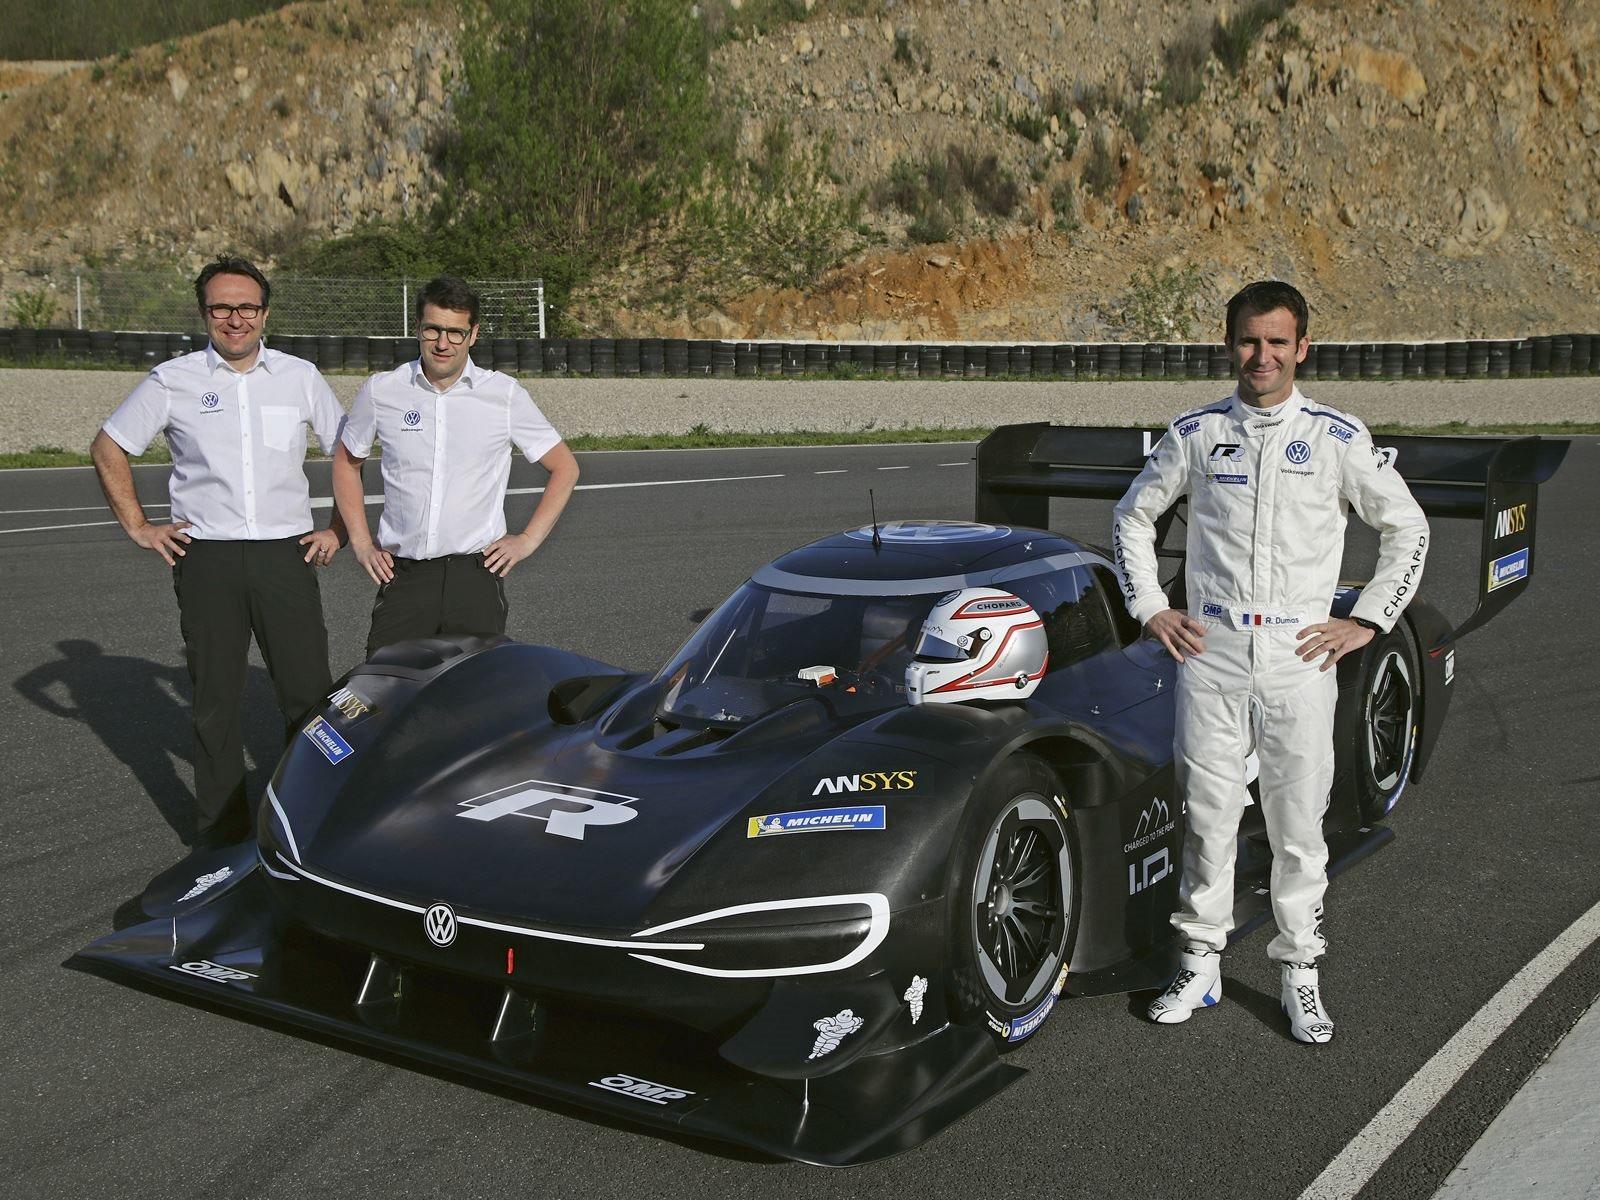 Общий вес составляет около 1135 ru. Как и большинство гоночных автомобилей, I.D. R Pikes Peak используется качестве испытательного стенда для будущих спортивных автомобилей высокой производительности от Volkswagen с точки зрения технологий и производ